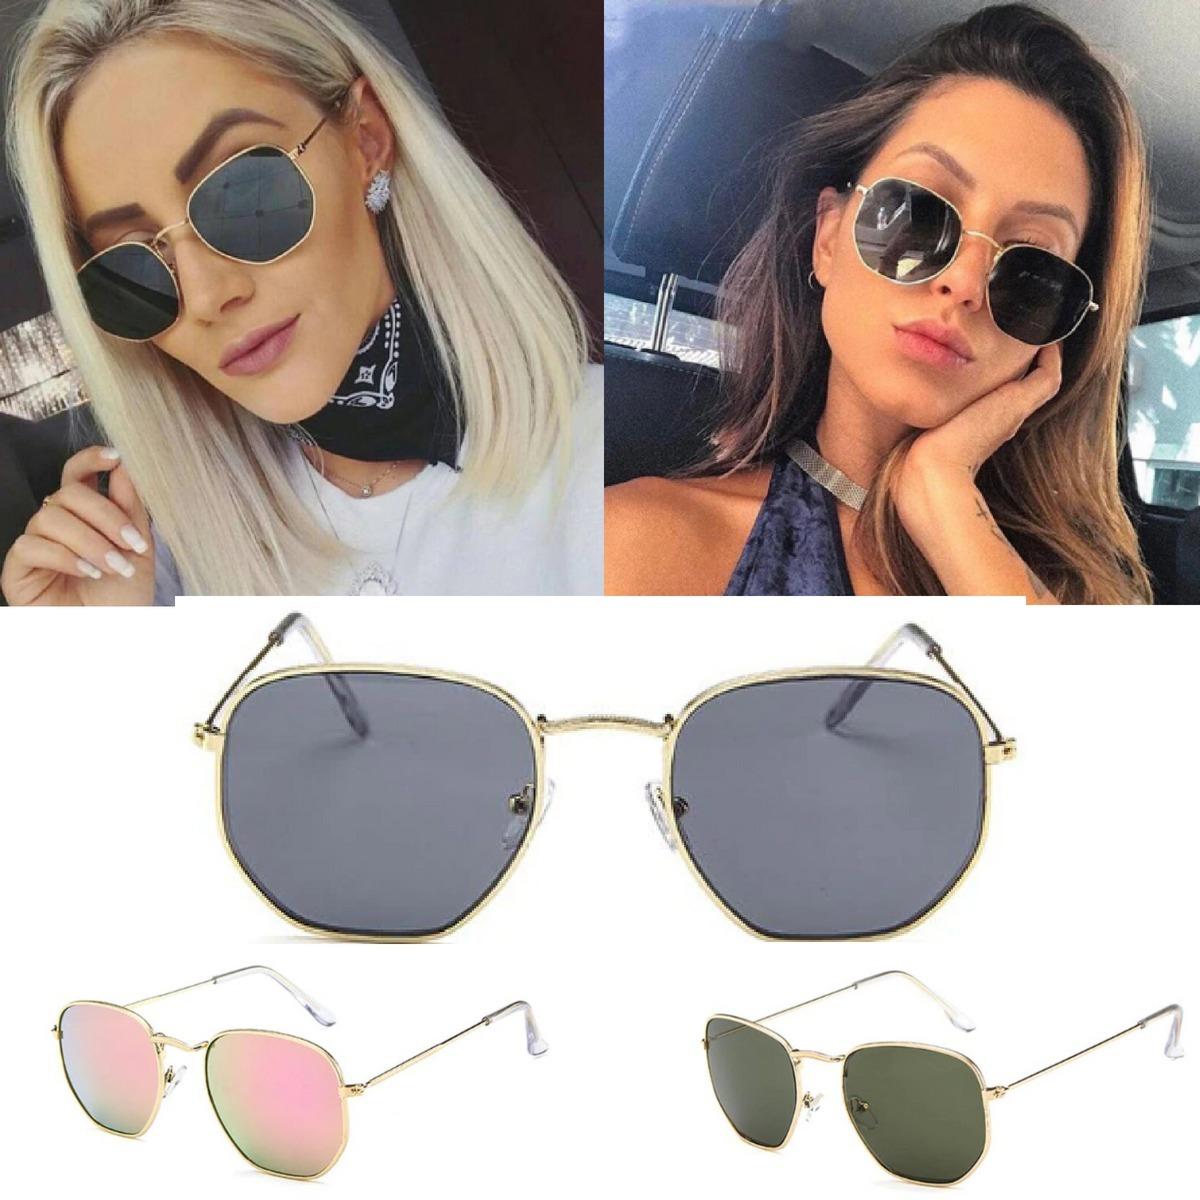 89c2f61d0 óculos feminino de sol redondo sextavado retrô vintage uv400. Carregando  zoom.